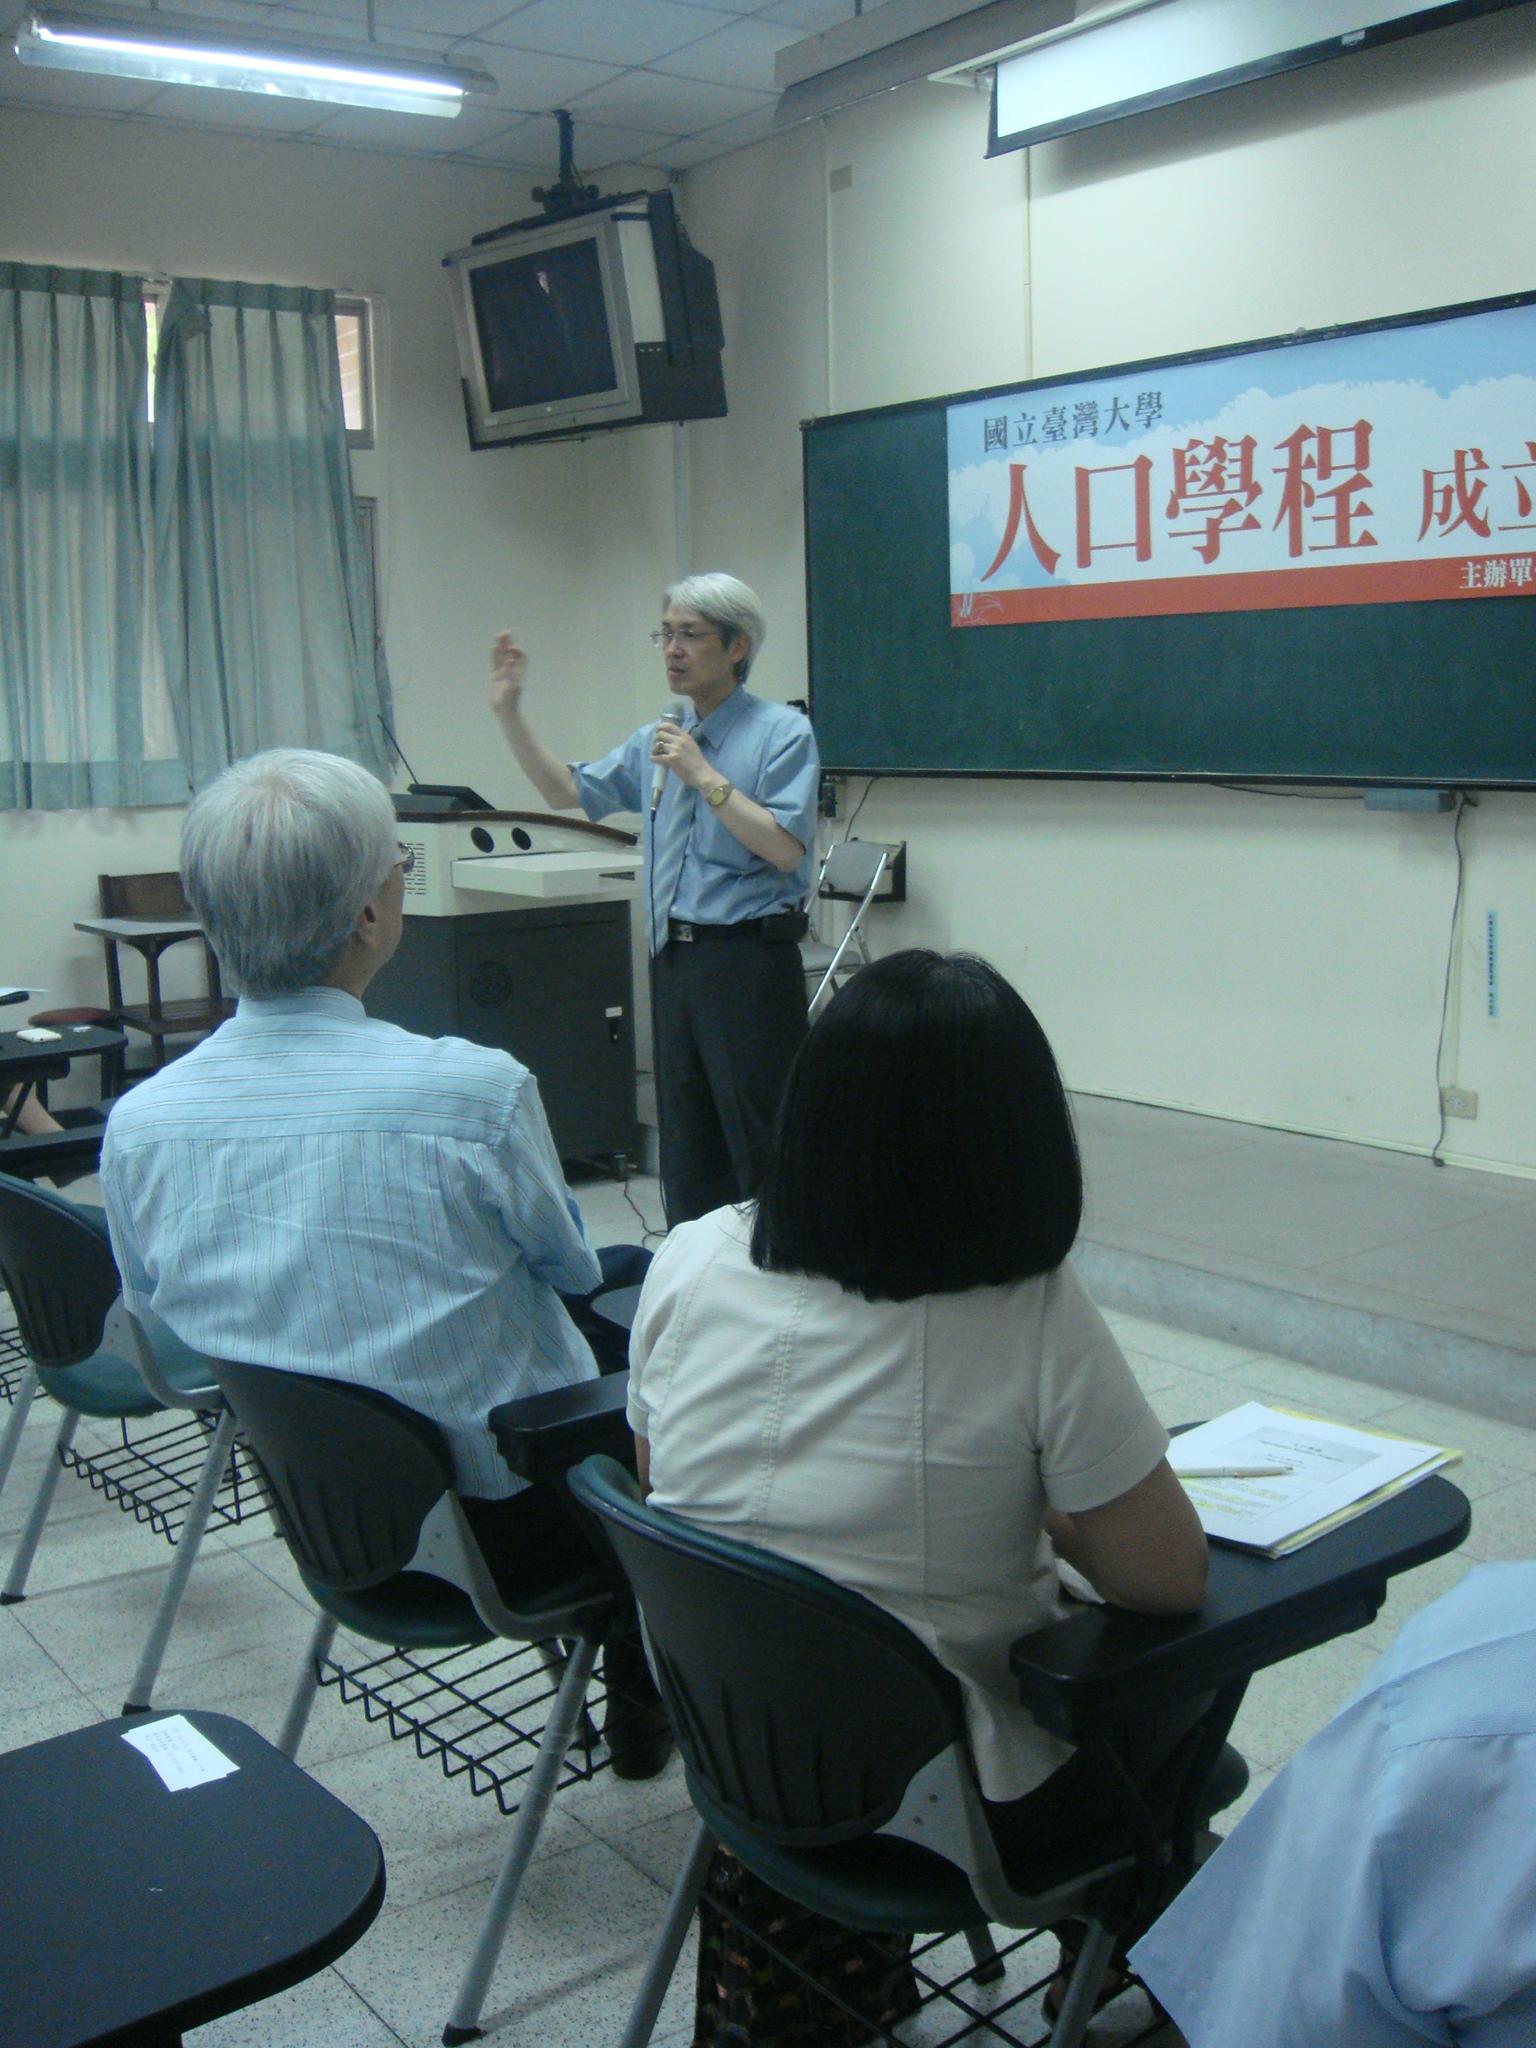 台湾人口学会在今年颁发首届 终身成就奖 给国立台湾大学健康政策与